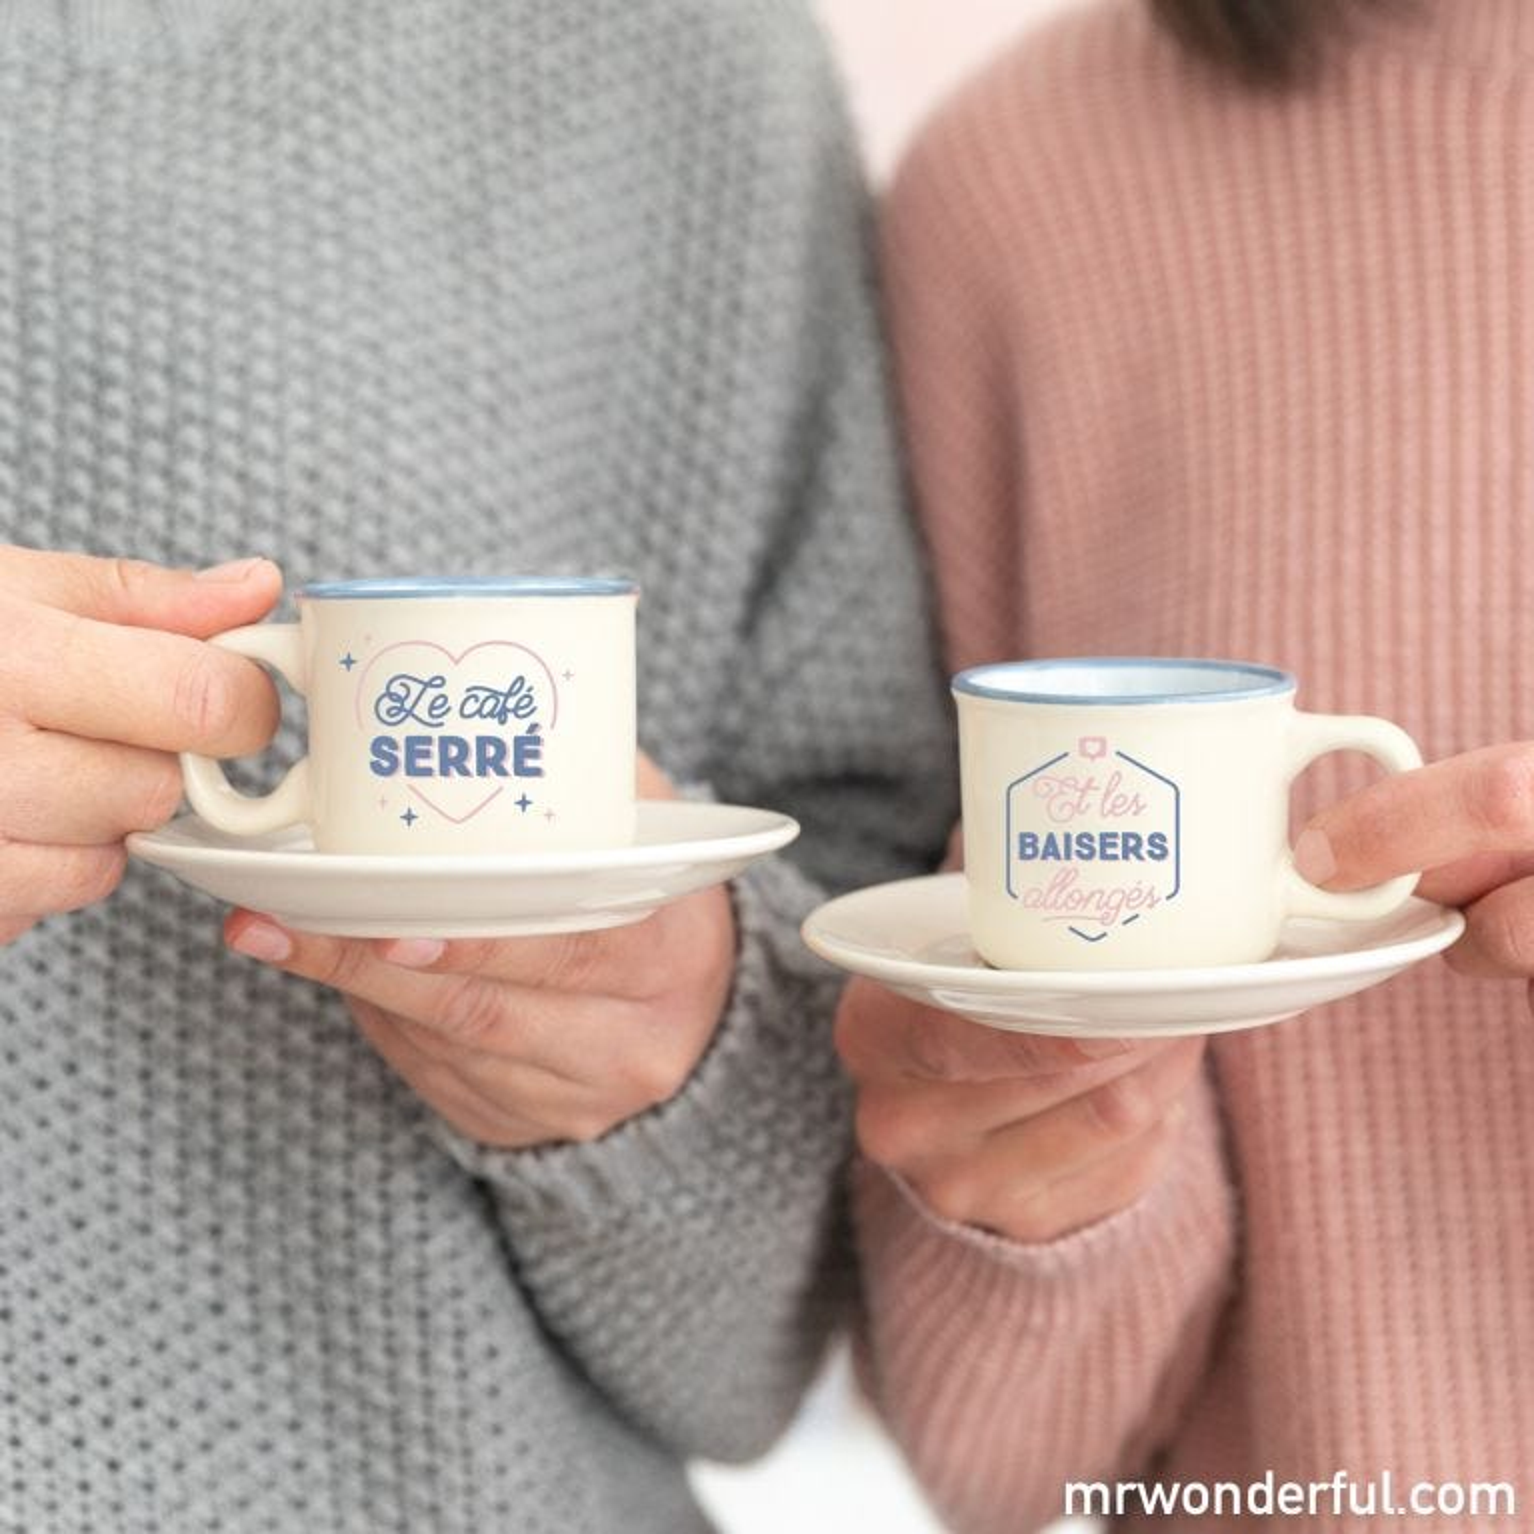 Set de 2 tasses expresso - Le café serré, les baisers allongés